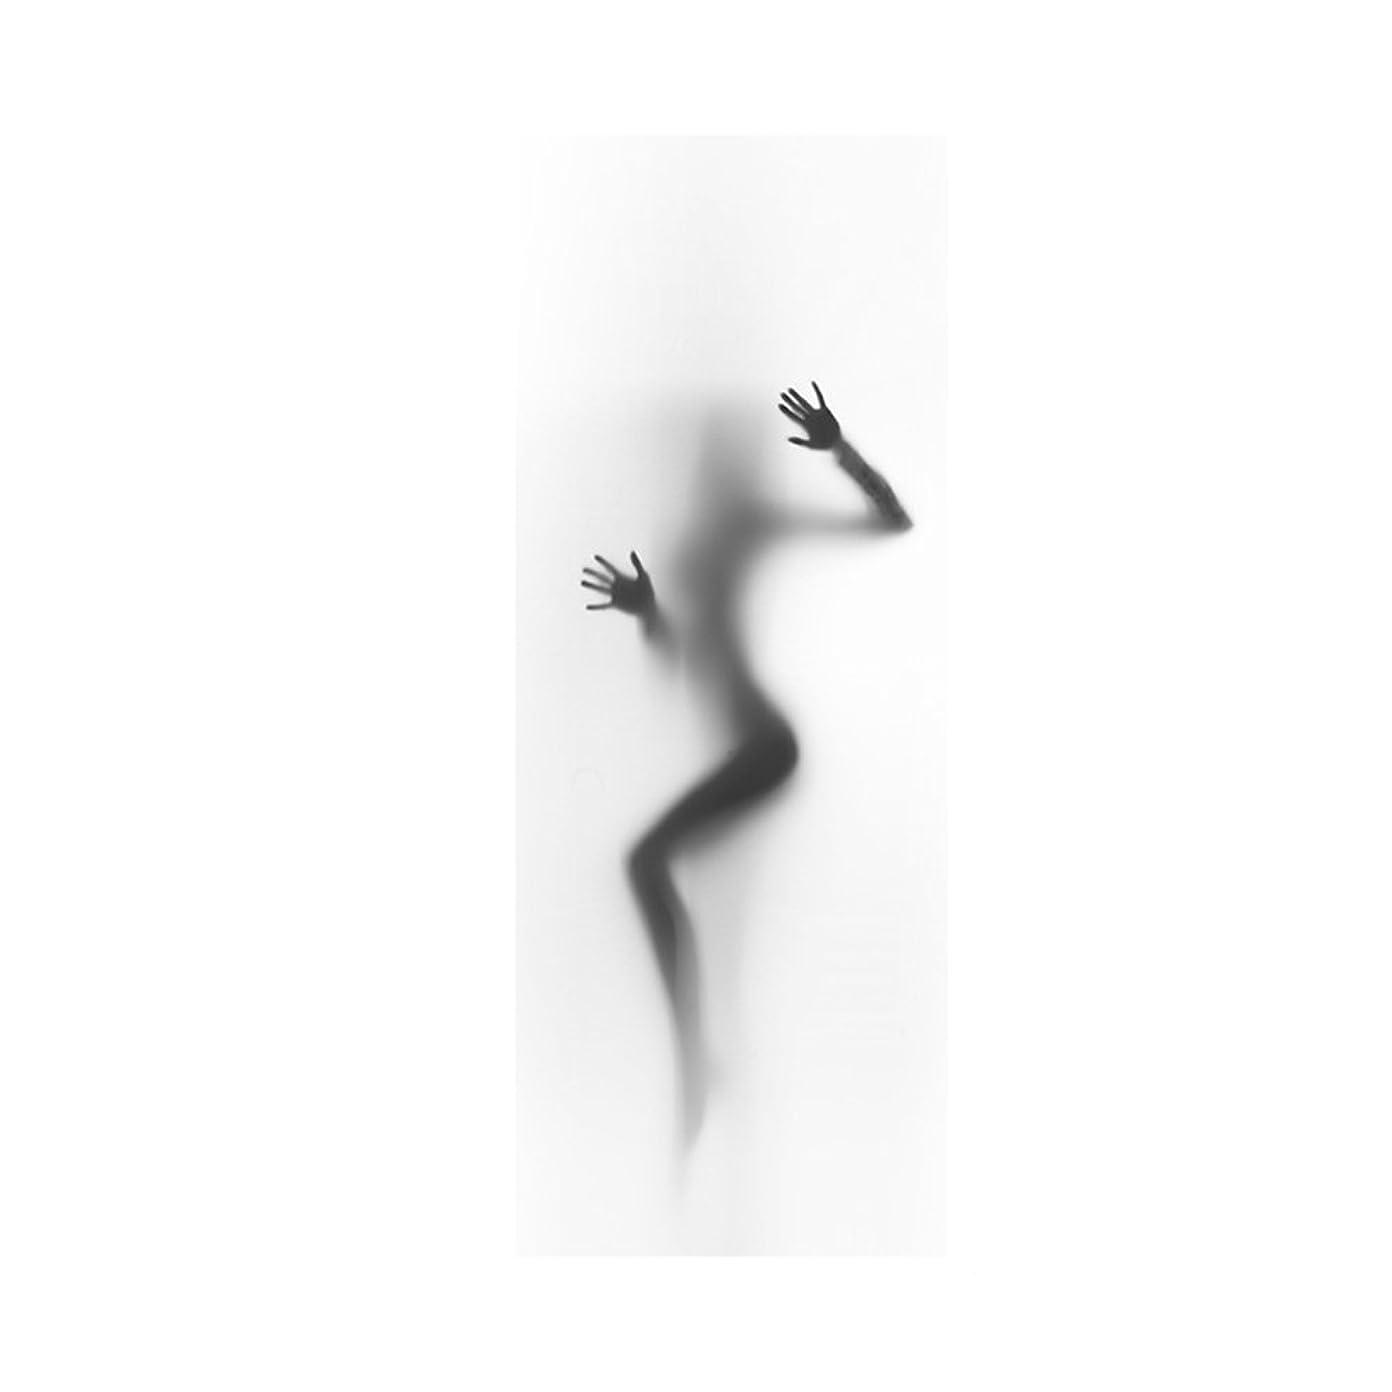 服読者近代化するSUND シール ドア用 ドアシール オシャレ セクシー仕様 インテリア 雑貨 防水 PVC製 77x200cm ドア再生 キズ止め 子供の落書き止め 飾り 厚手 高品質 雰囲気変貌 模様簡単替え